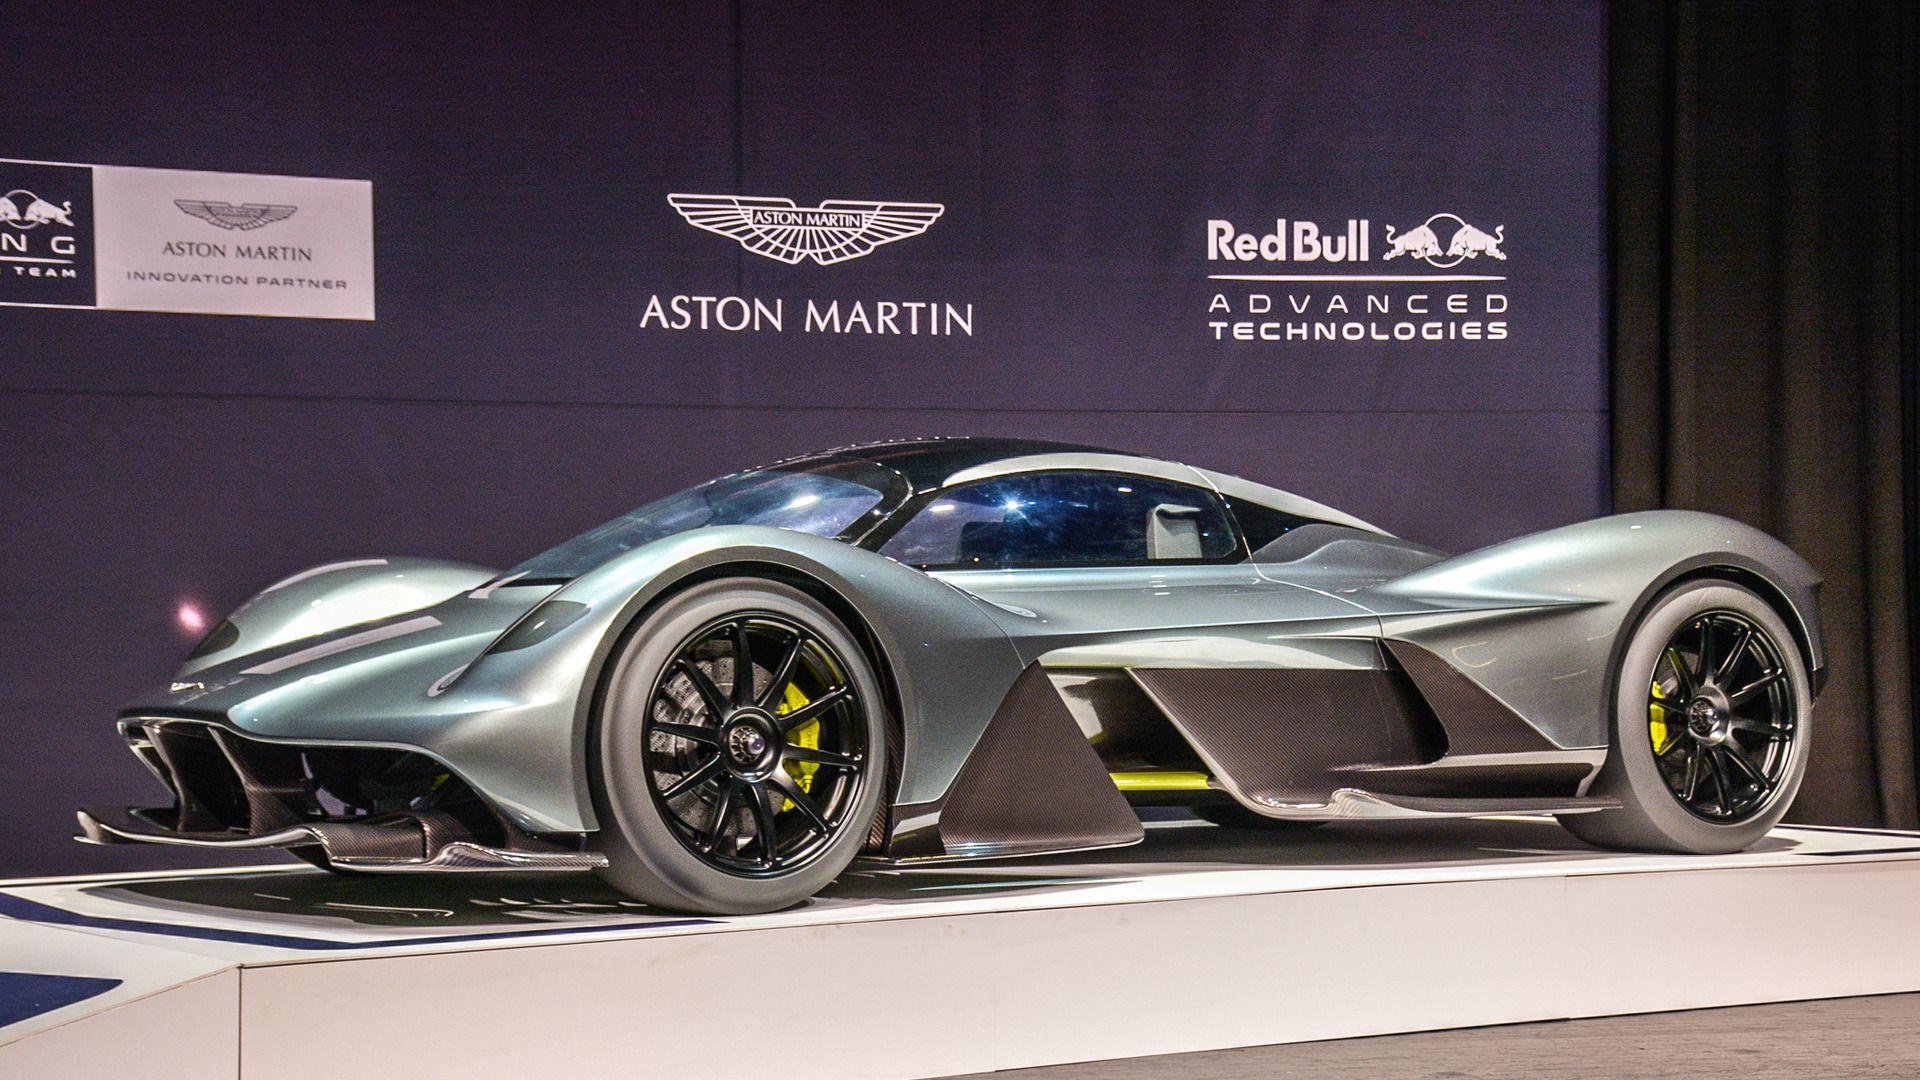 Carro mais caro do mundo - 12 modelos de veículos milionários